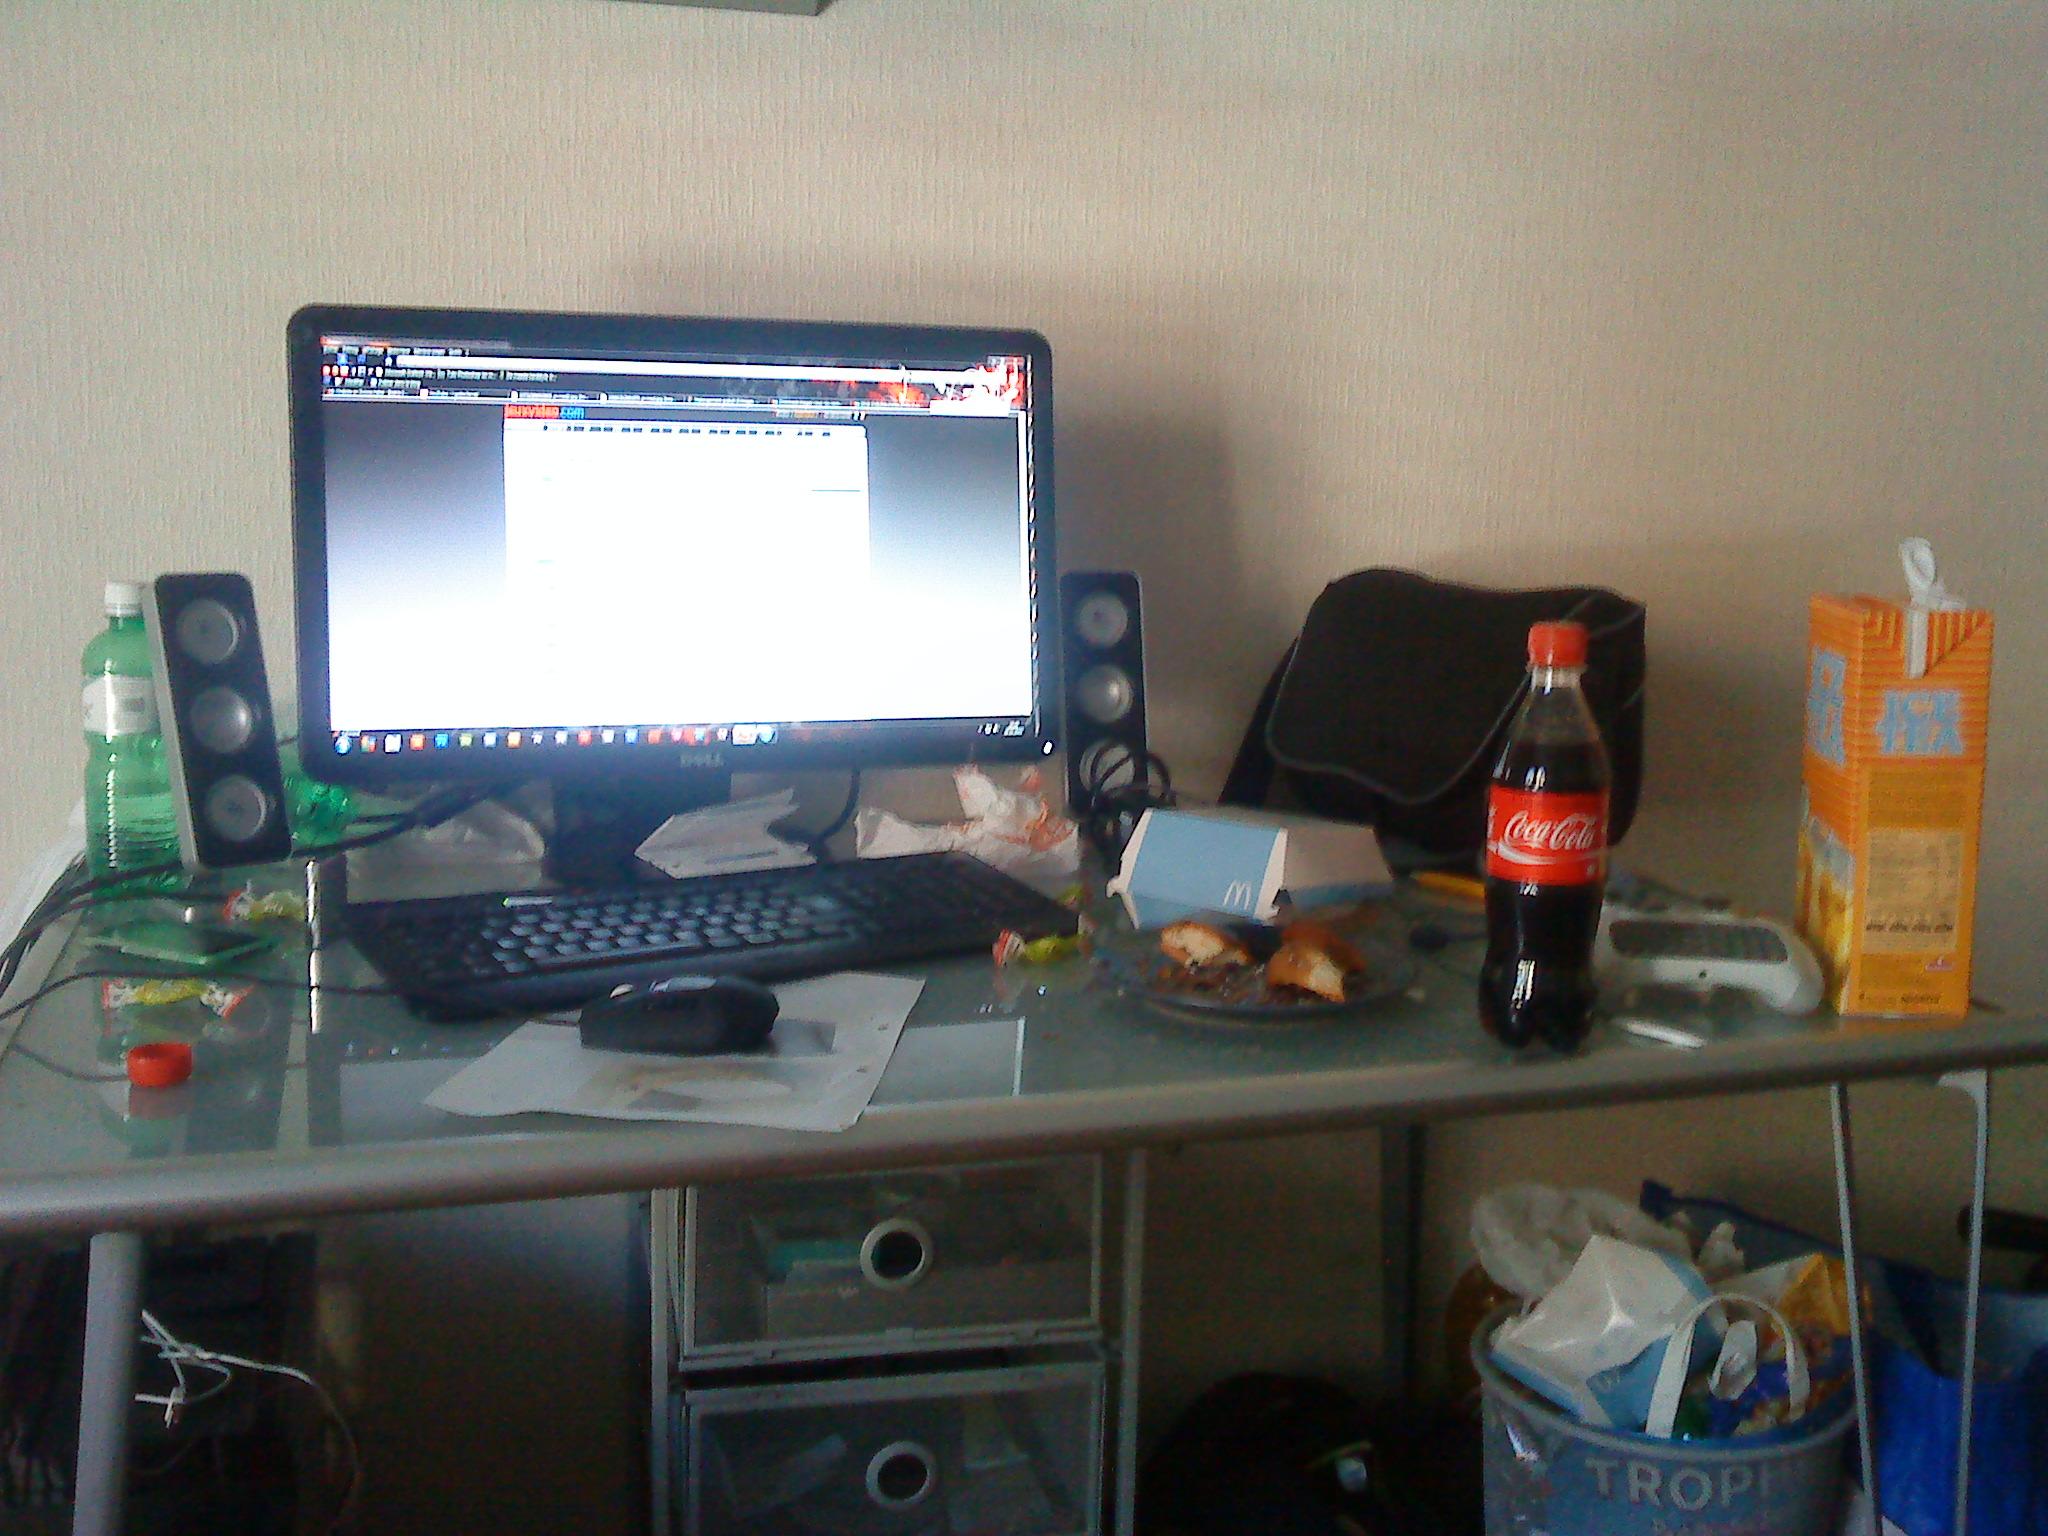 mon bureau de geek après nuit blanche sur le forum blabla 15-18 ans